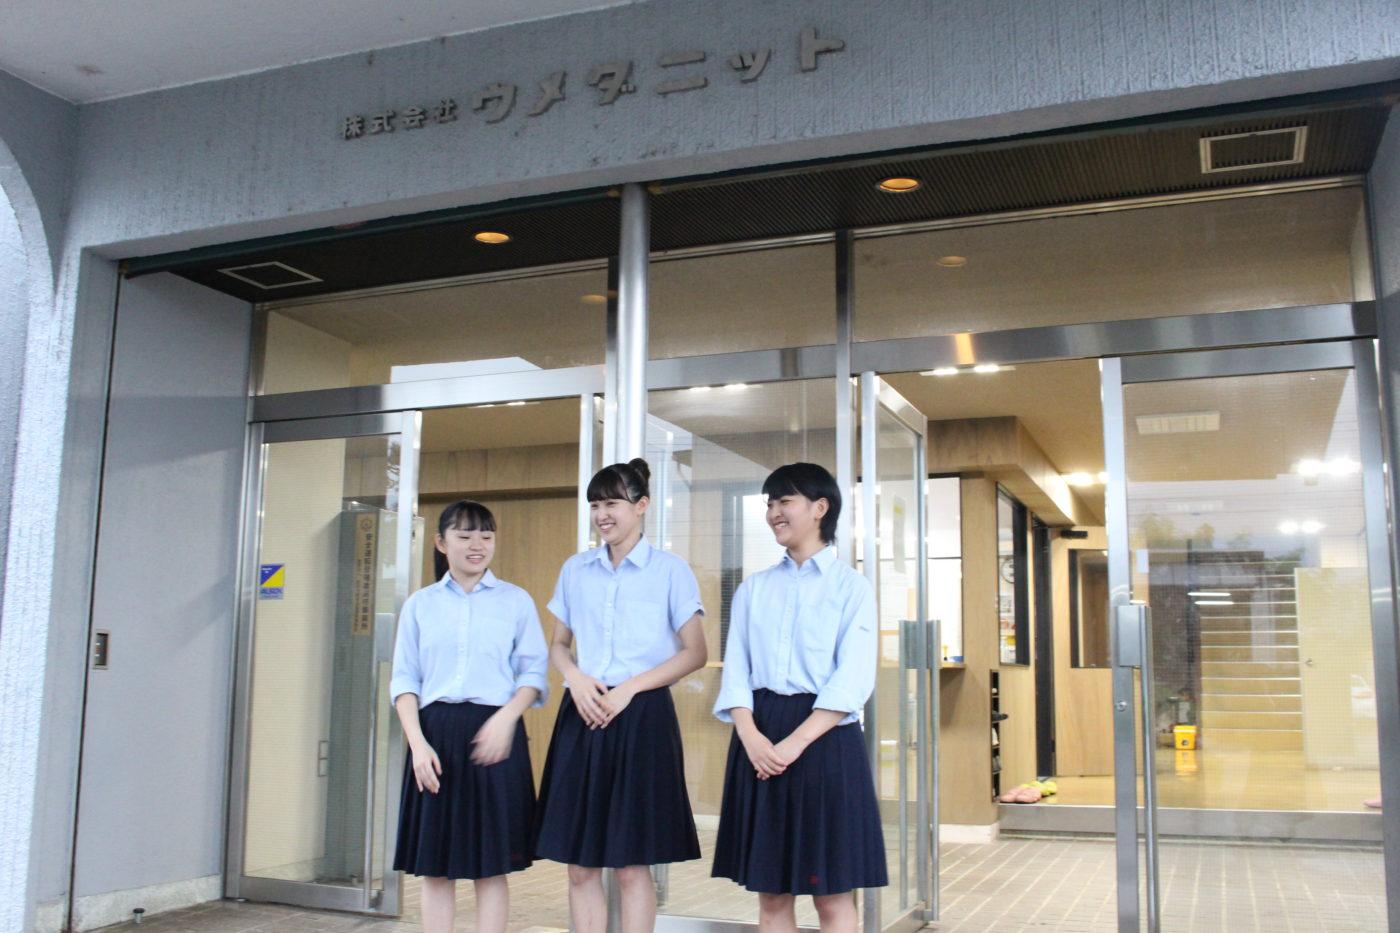 五泉高校生とニット工場で撮影